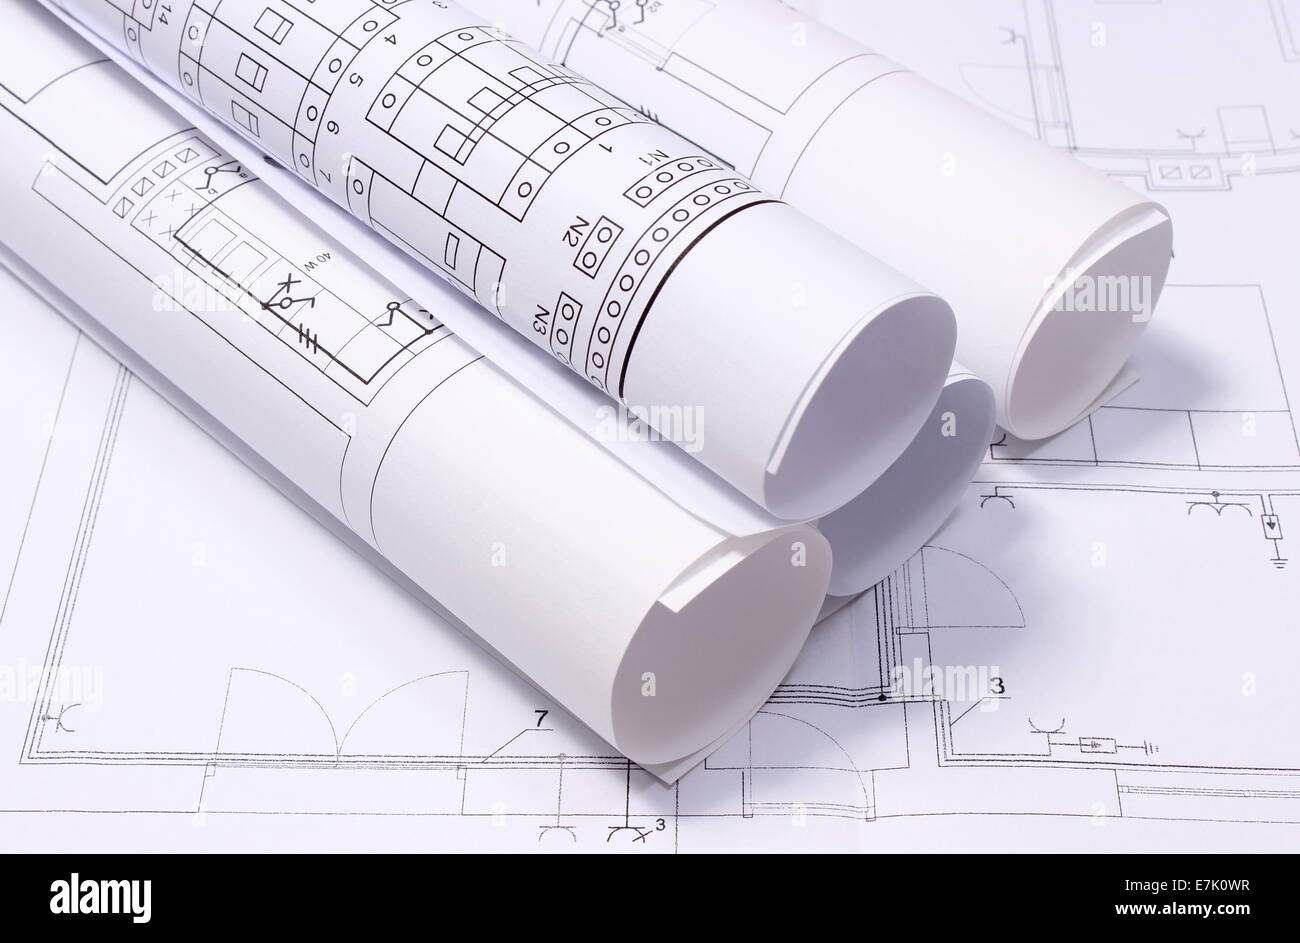 Ausgezeichnet Schaltplan Des Hauses Galerie   Elektrische Schaltplan .